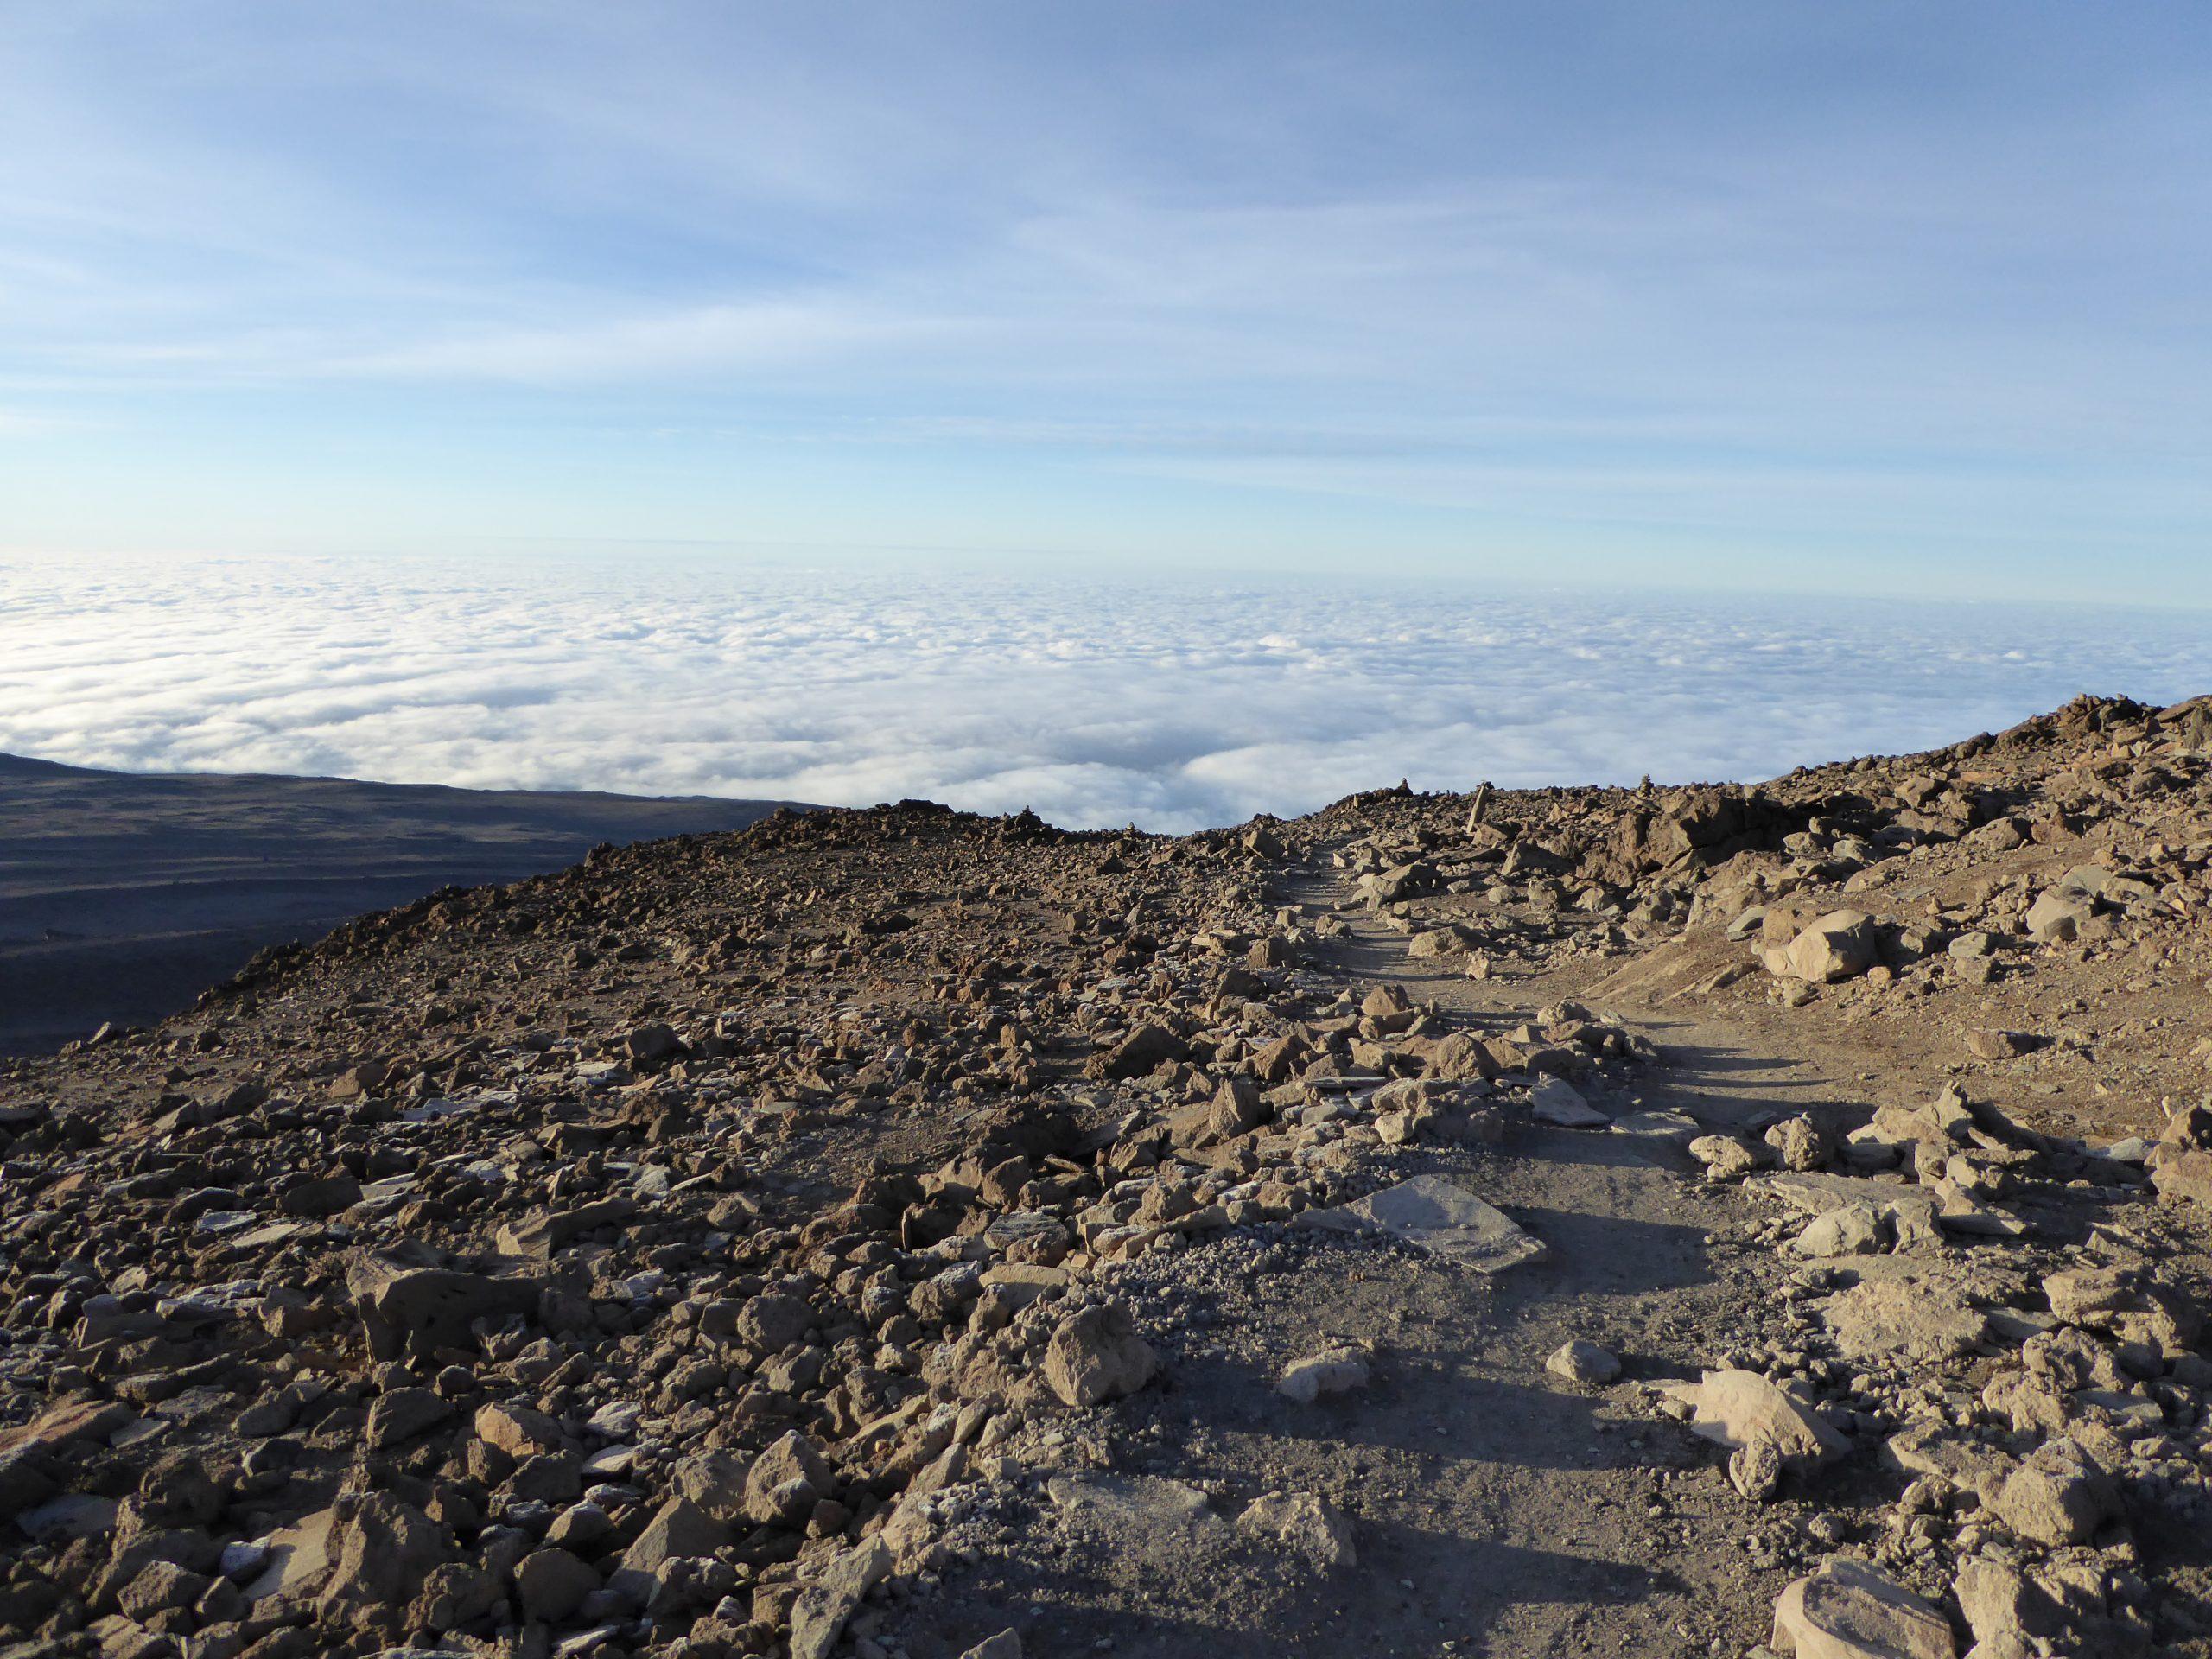 Radreise Afrika 2014 - Kilimanjaro - Barafu-Camp